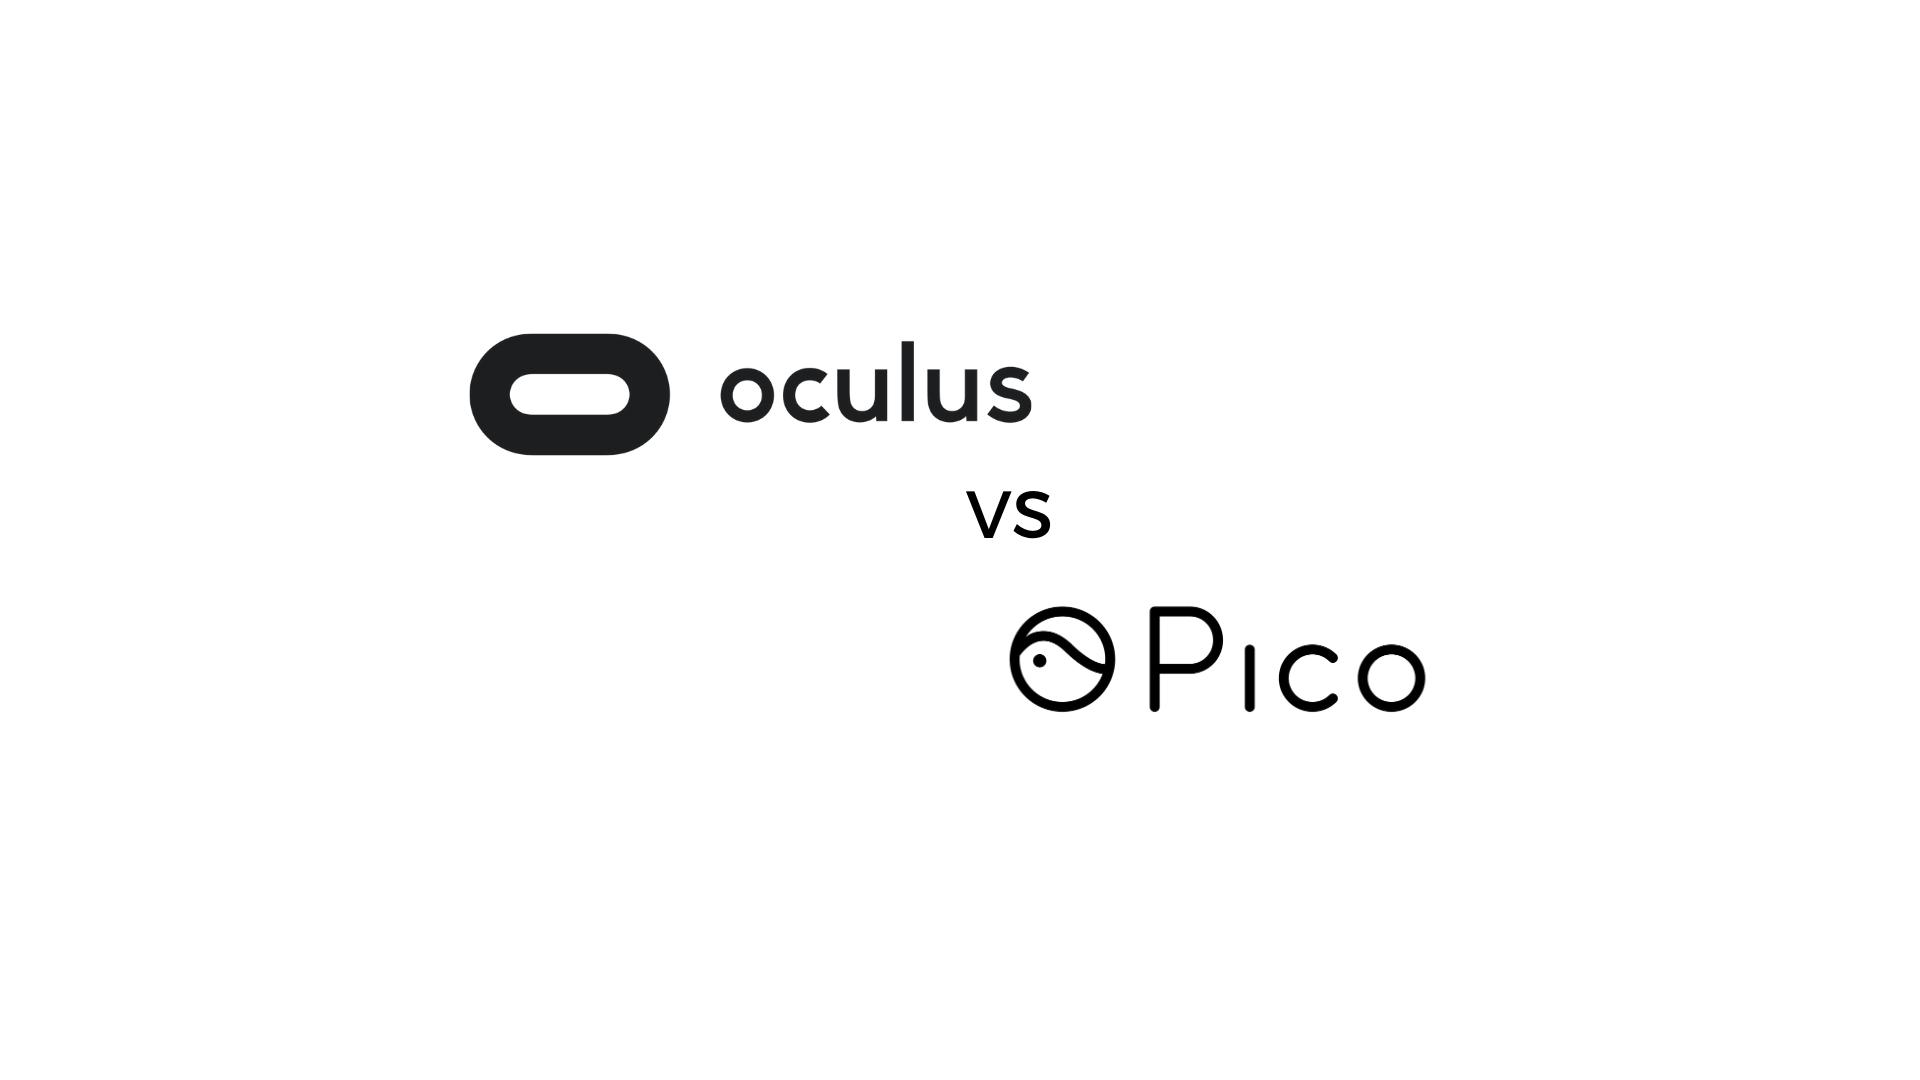 Oculus v Pico